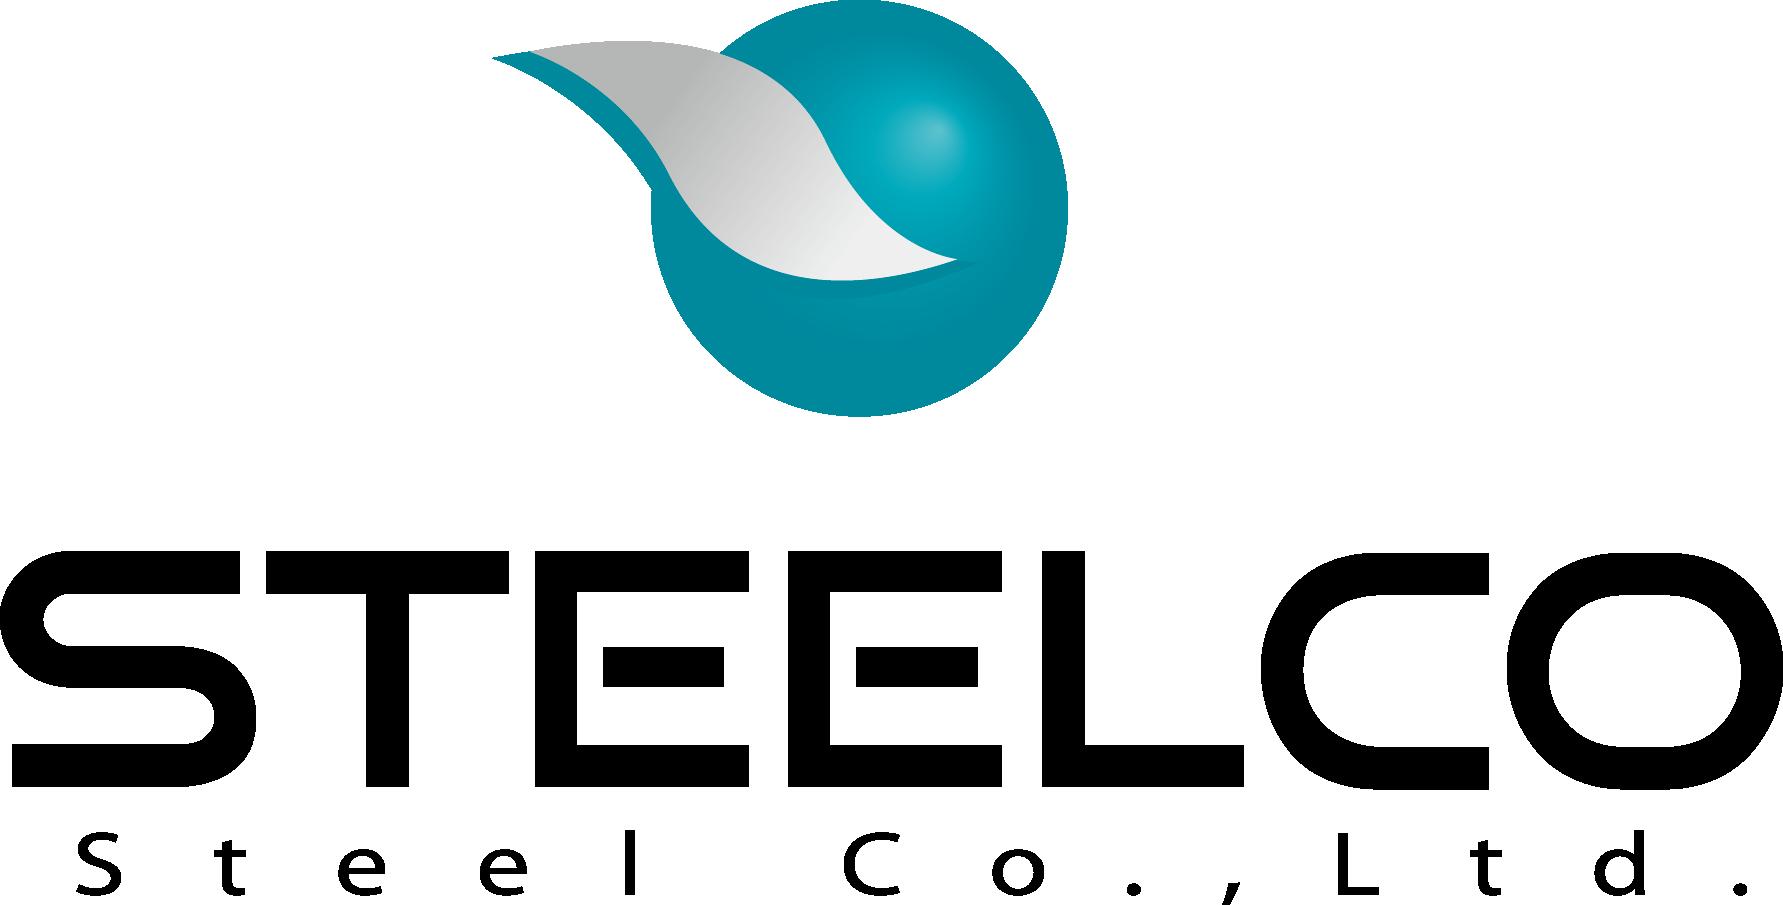 다스코의 계열사 스틸코(주)의 로고